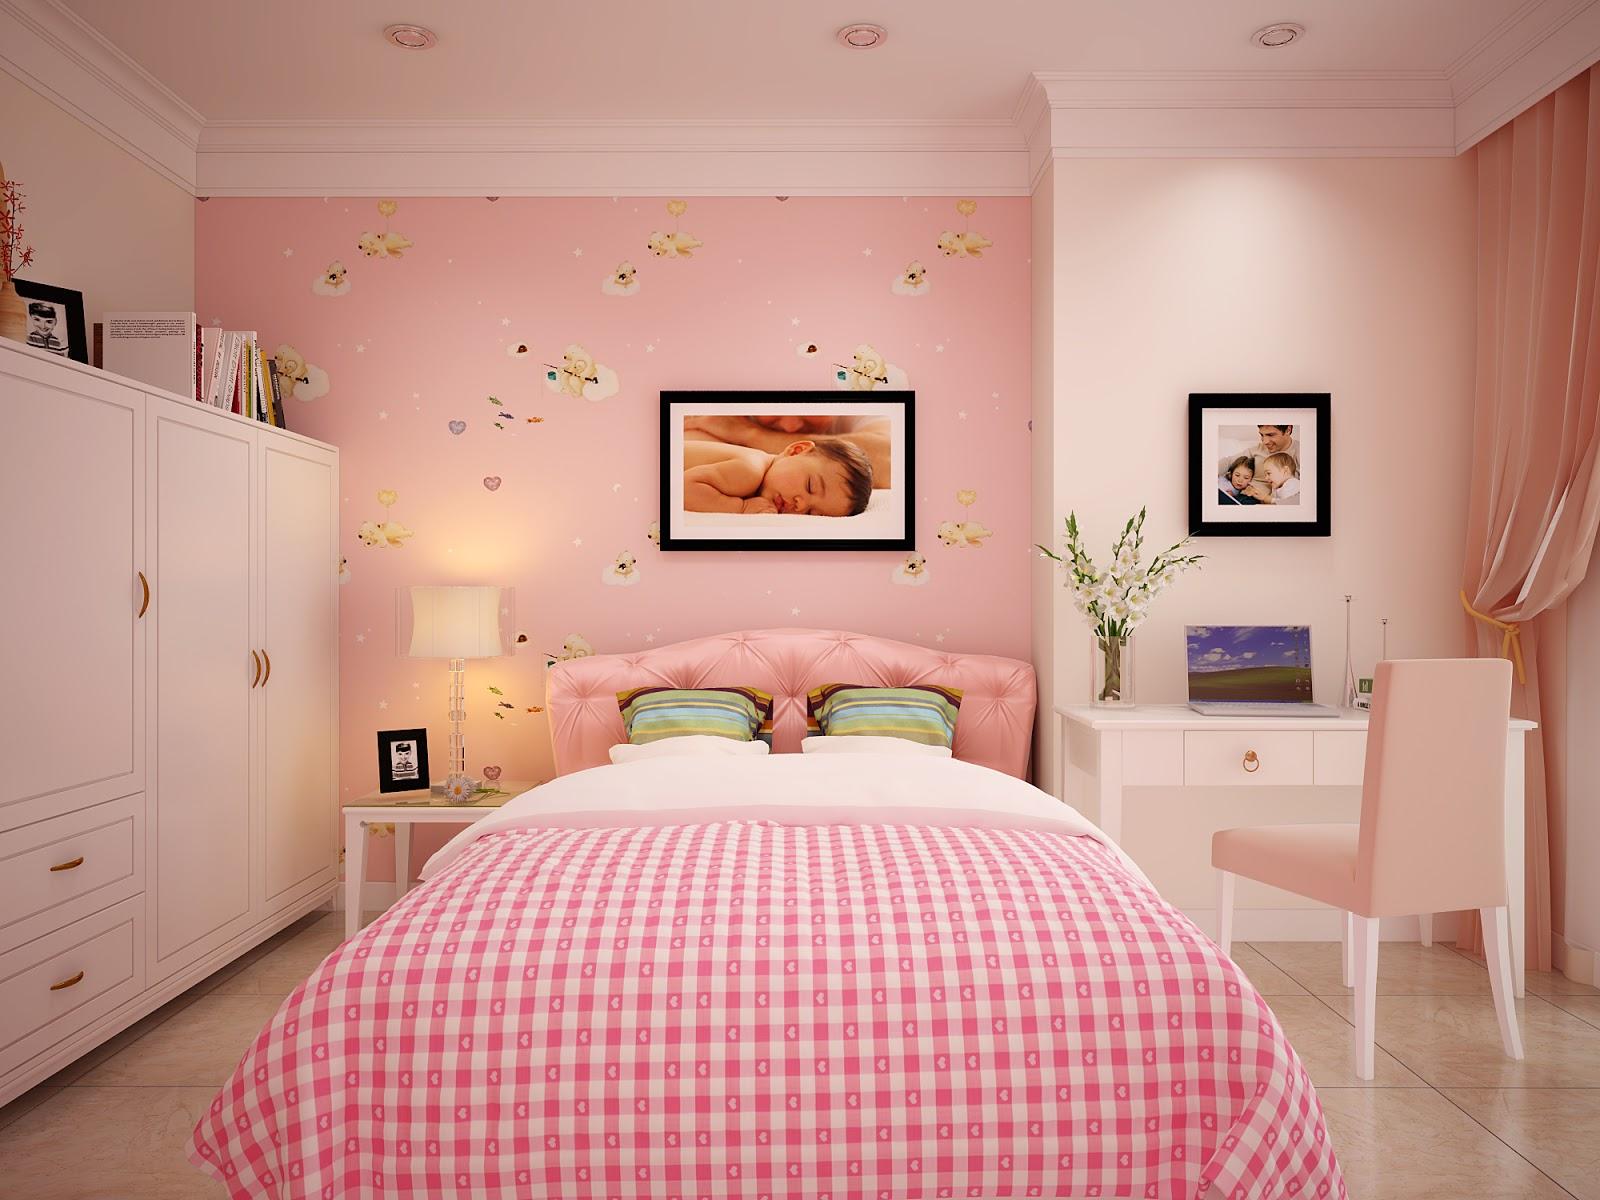 Khi trang trí phong thủy phòng ngủ cho người mệnh hỏa, việc đầu tiên bạn cần làm đó là chọn hướng giường ngủ